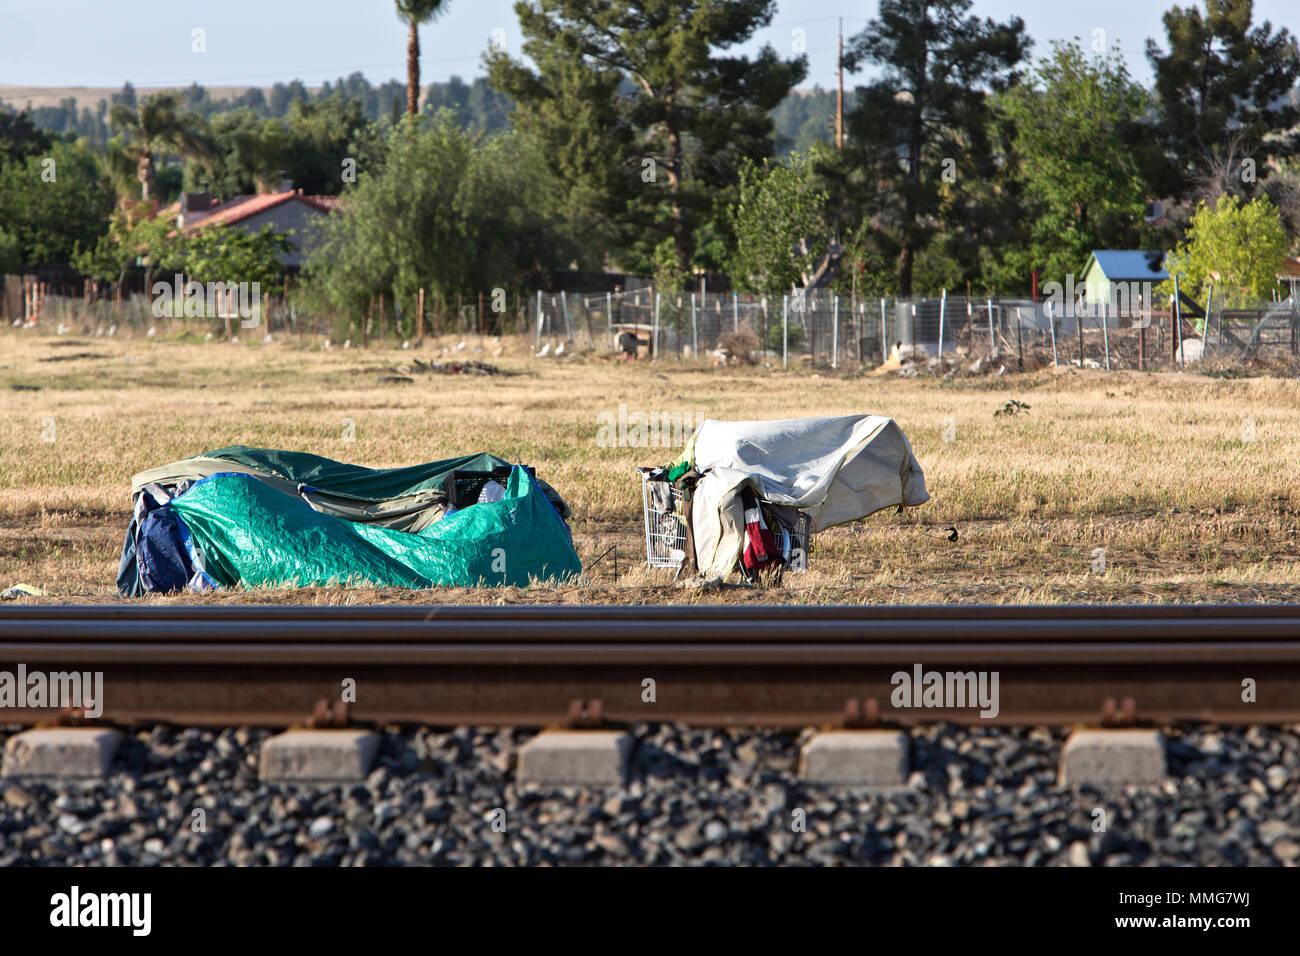 Senzatetto camp, i binari della ferrovia, rurale Kern County, recintata suddivisione in background, California. Immagini Stock